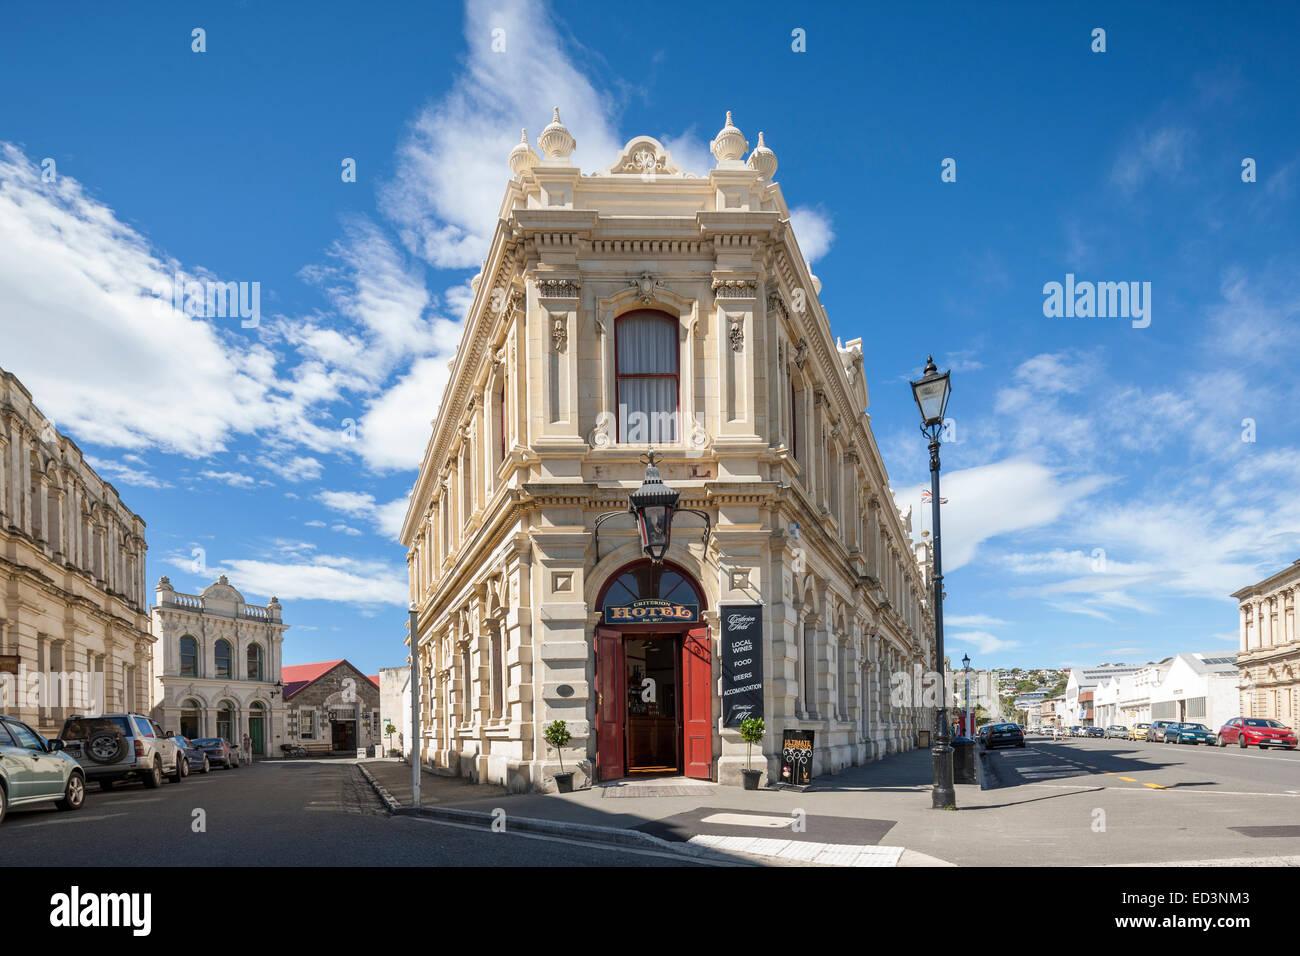 New Zealand Oamaru. Le critère d'hôtel et autres vieux bâtiments de style victorien dans le quartier Photo Stock